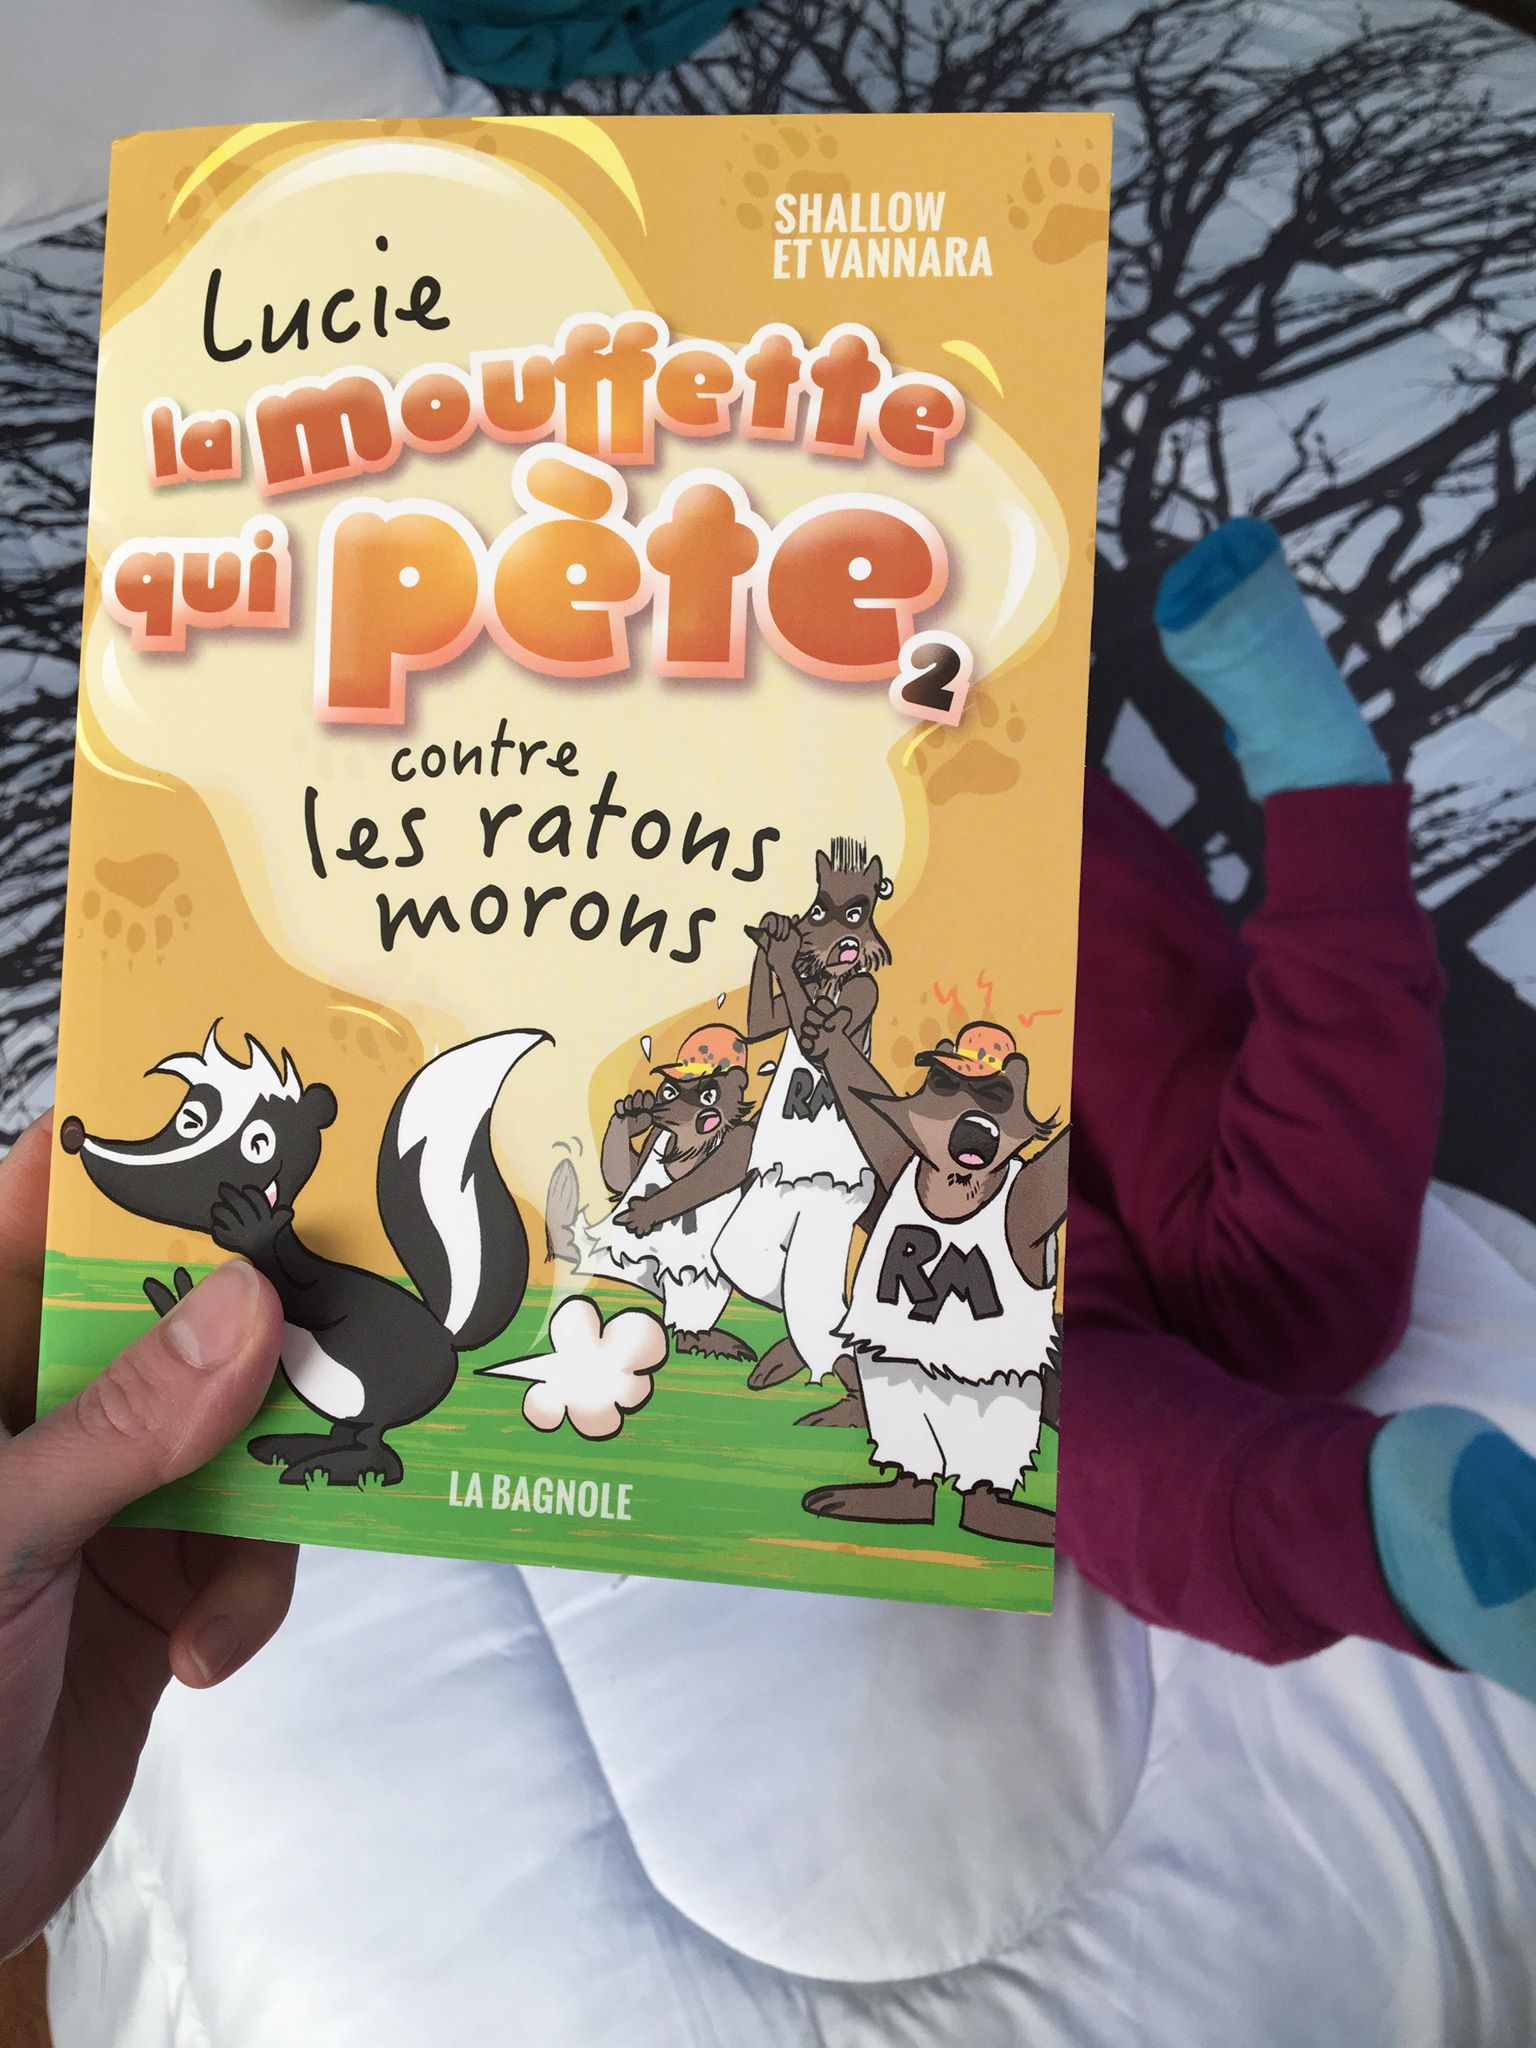 Suggestions lecture-Lucie la mouffette-édition La Bagnole-Livre-lire-Albums jeunesse-Lucie la mouffette qui pète-rire-histoire drôle-littérature-Je suis une maman